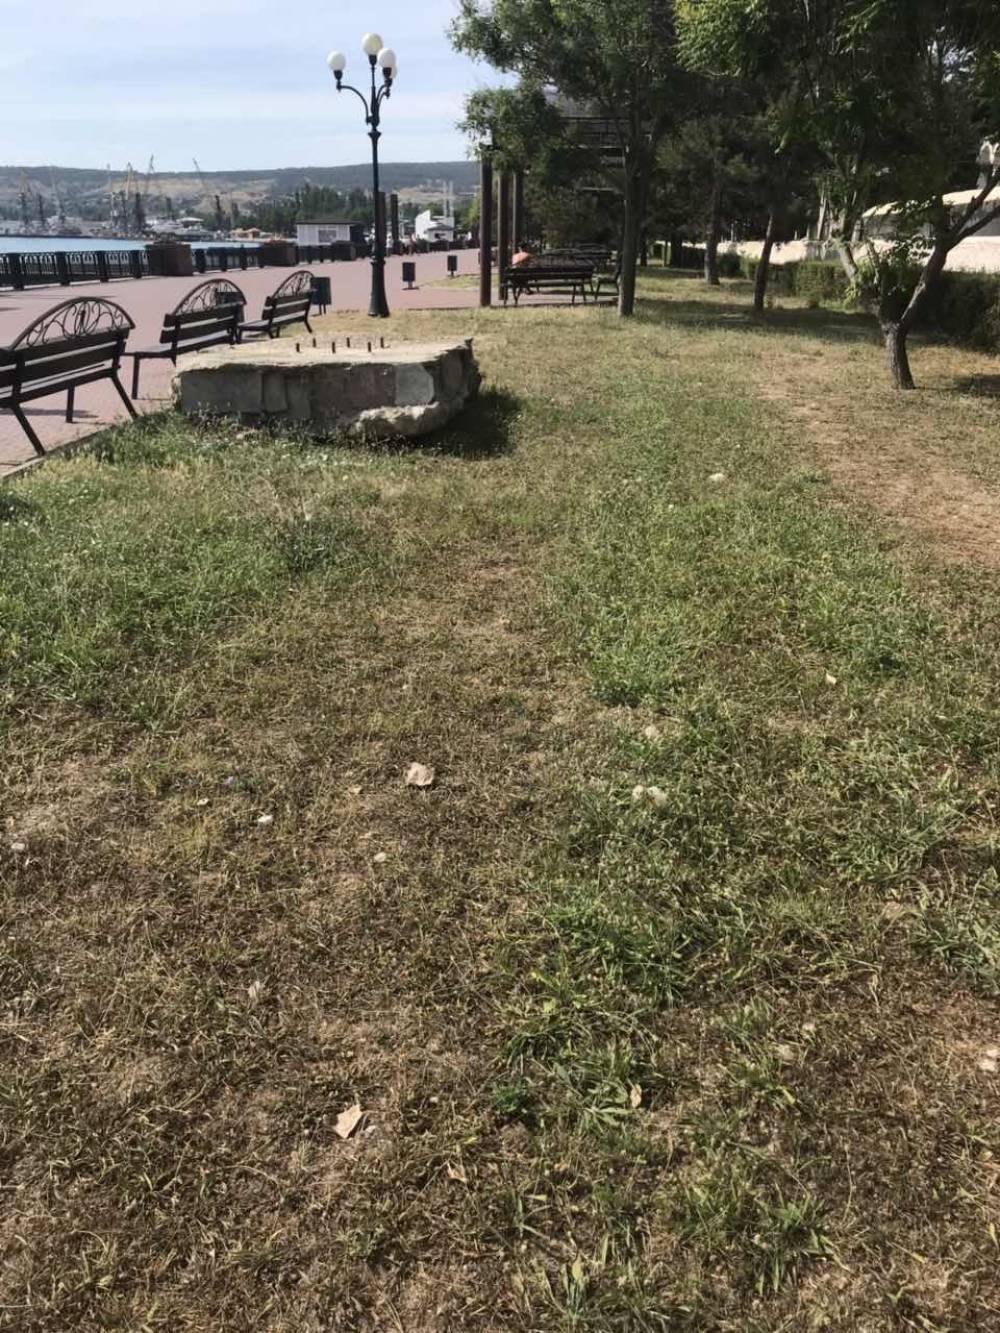 Спортплощадке быть: на набережной может появиться спортивная площадка